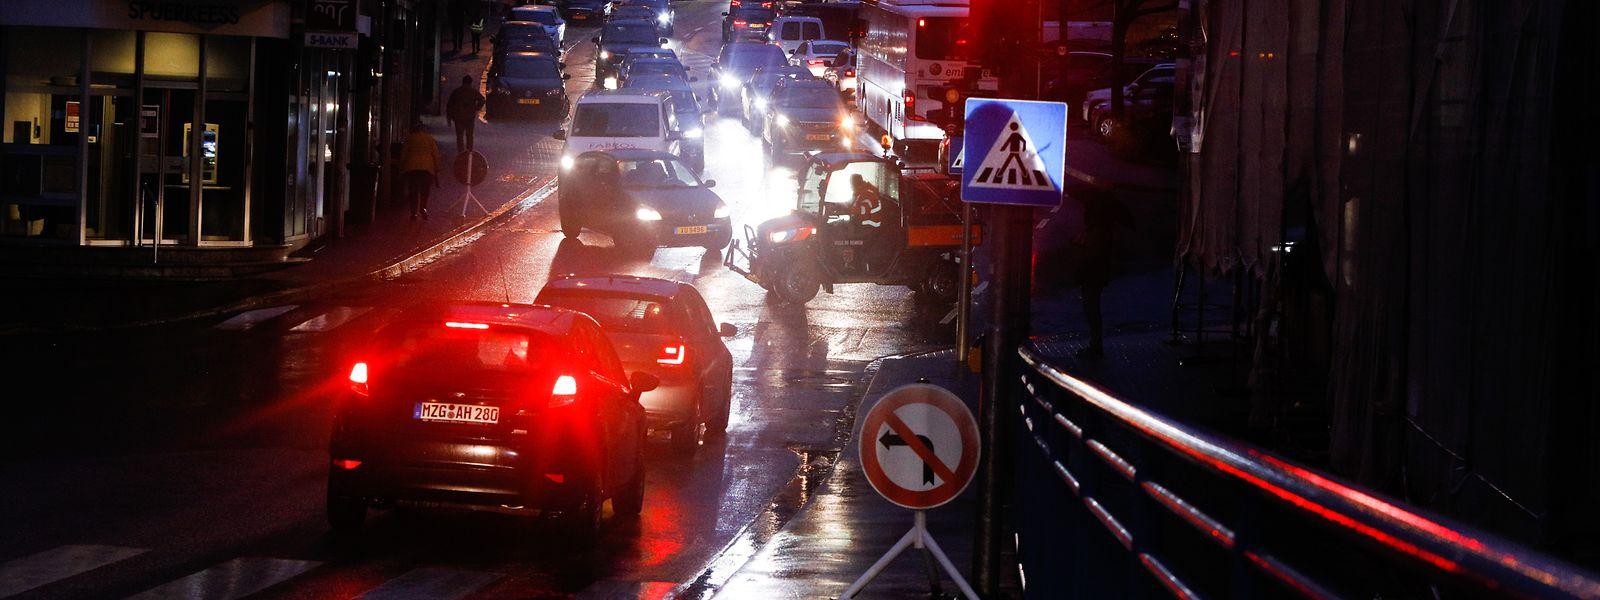 Jeden Morgen wälzt sich der Durchgangsverkehr über die Rue Enz. Der Remicher Schöffenrat möchte das Ortszentrum beruhigen, das Ministerium verweist auf die Autobahn.